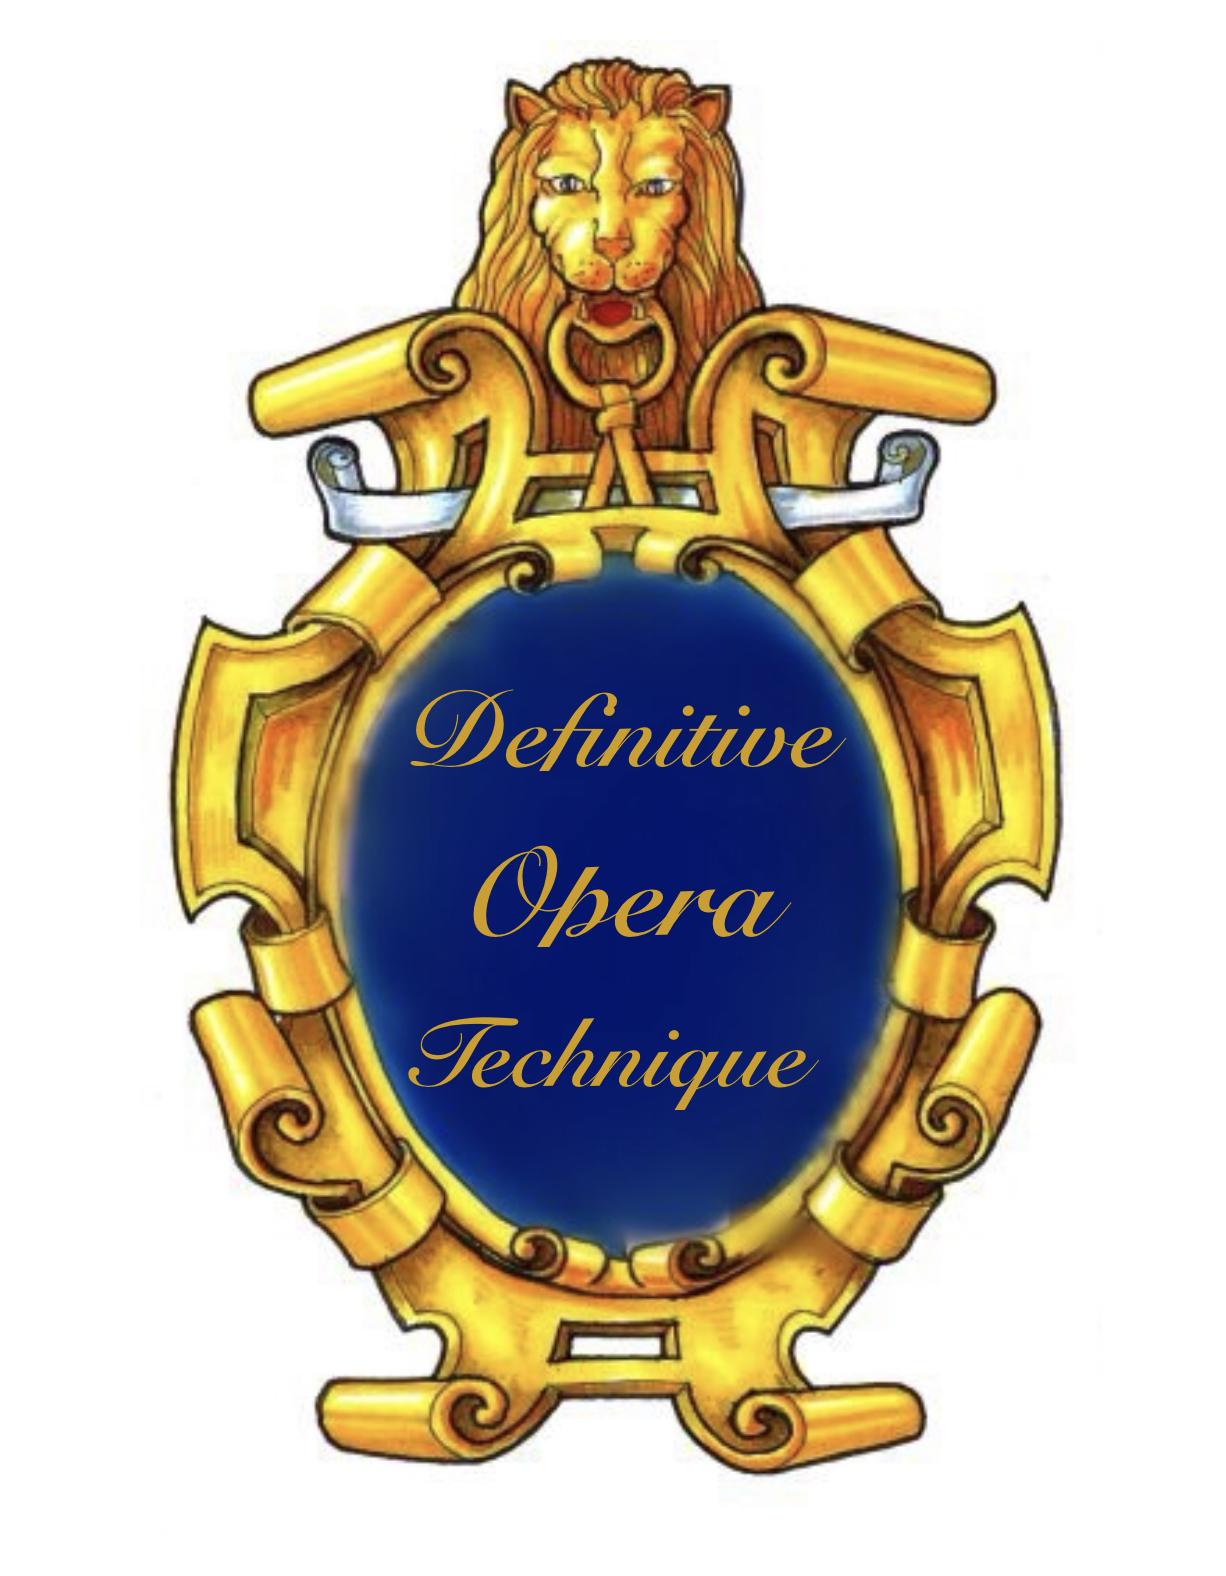 Definitive Opera Technique by Carlo Colombara